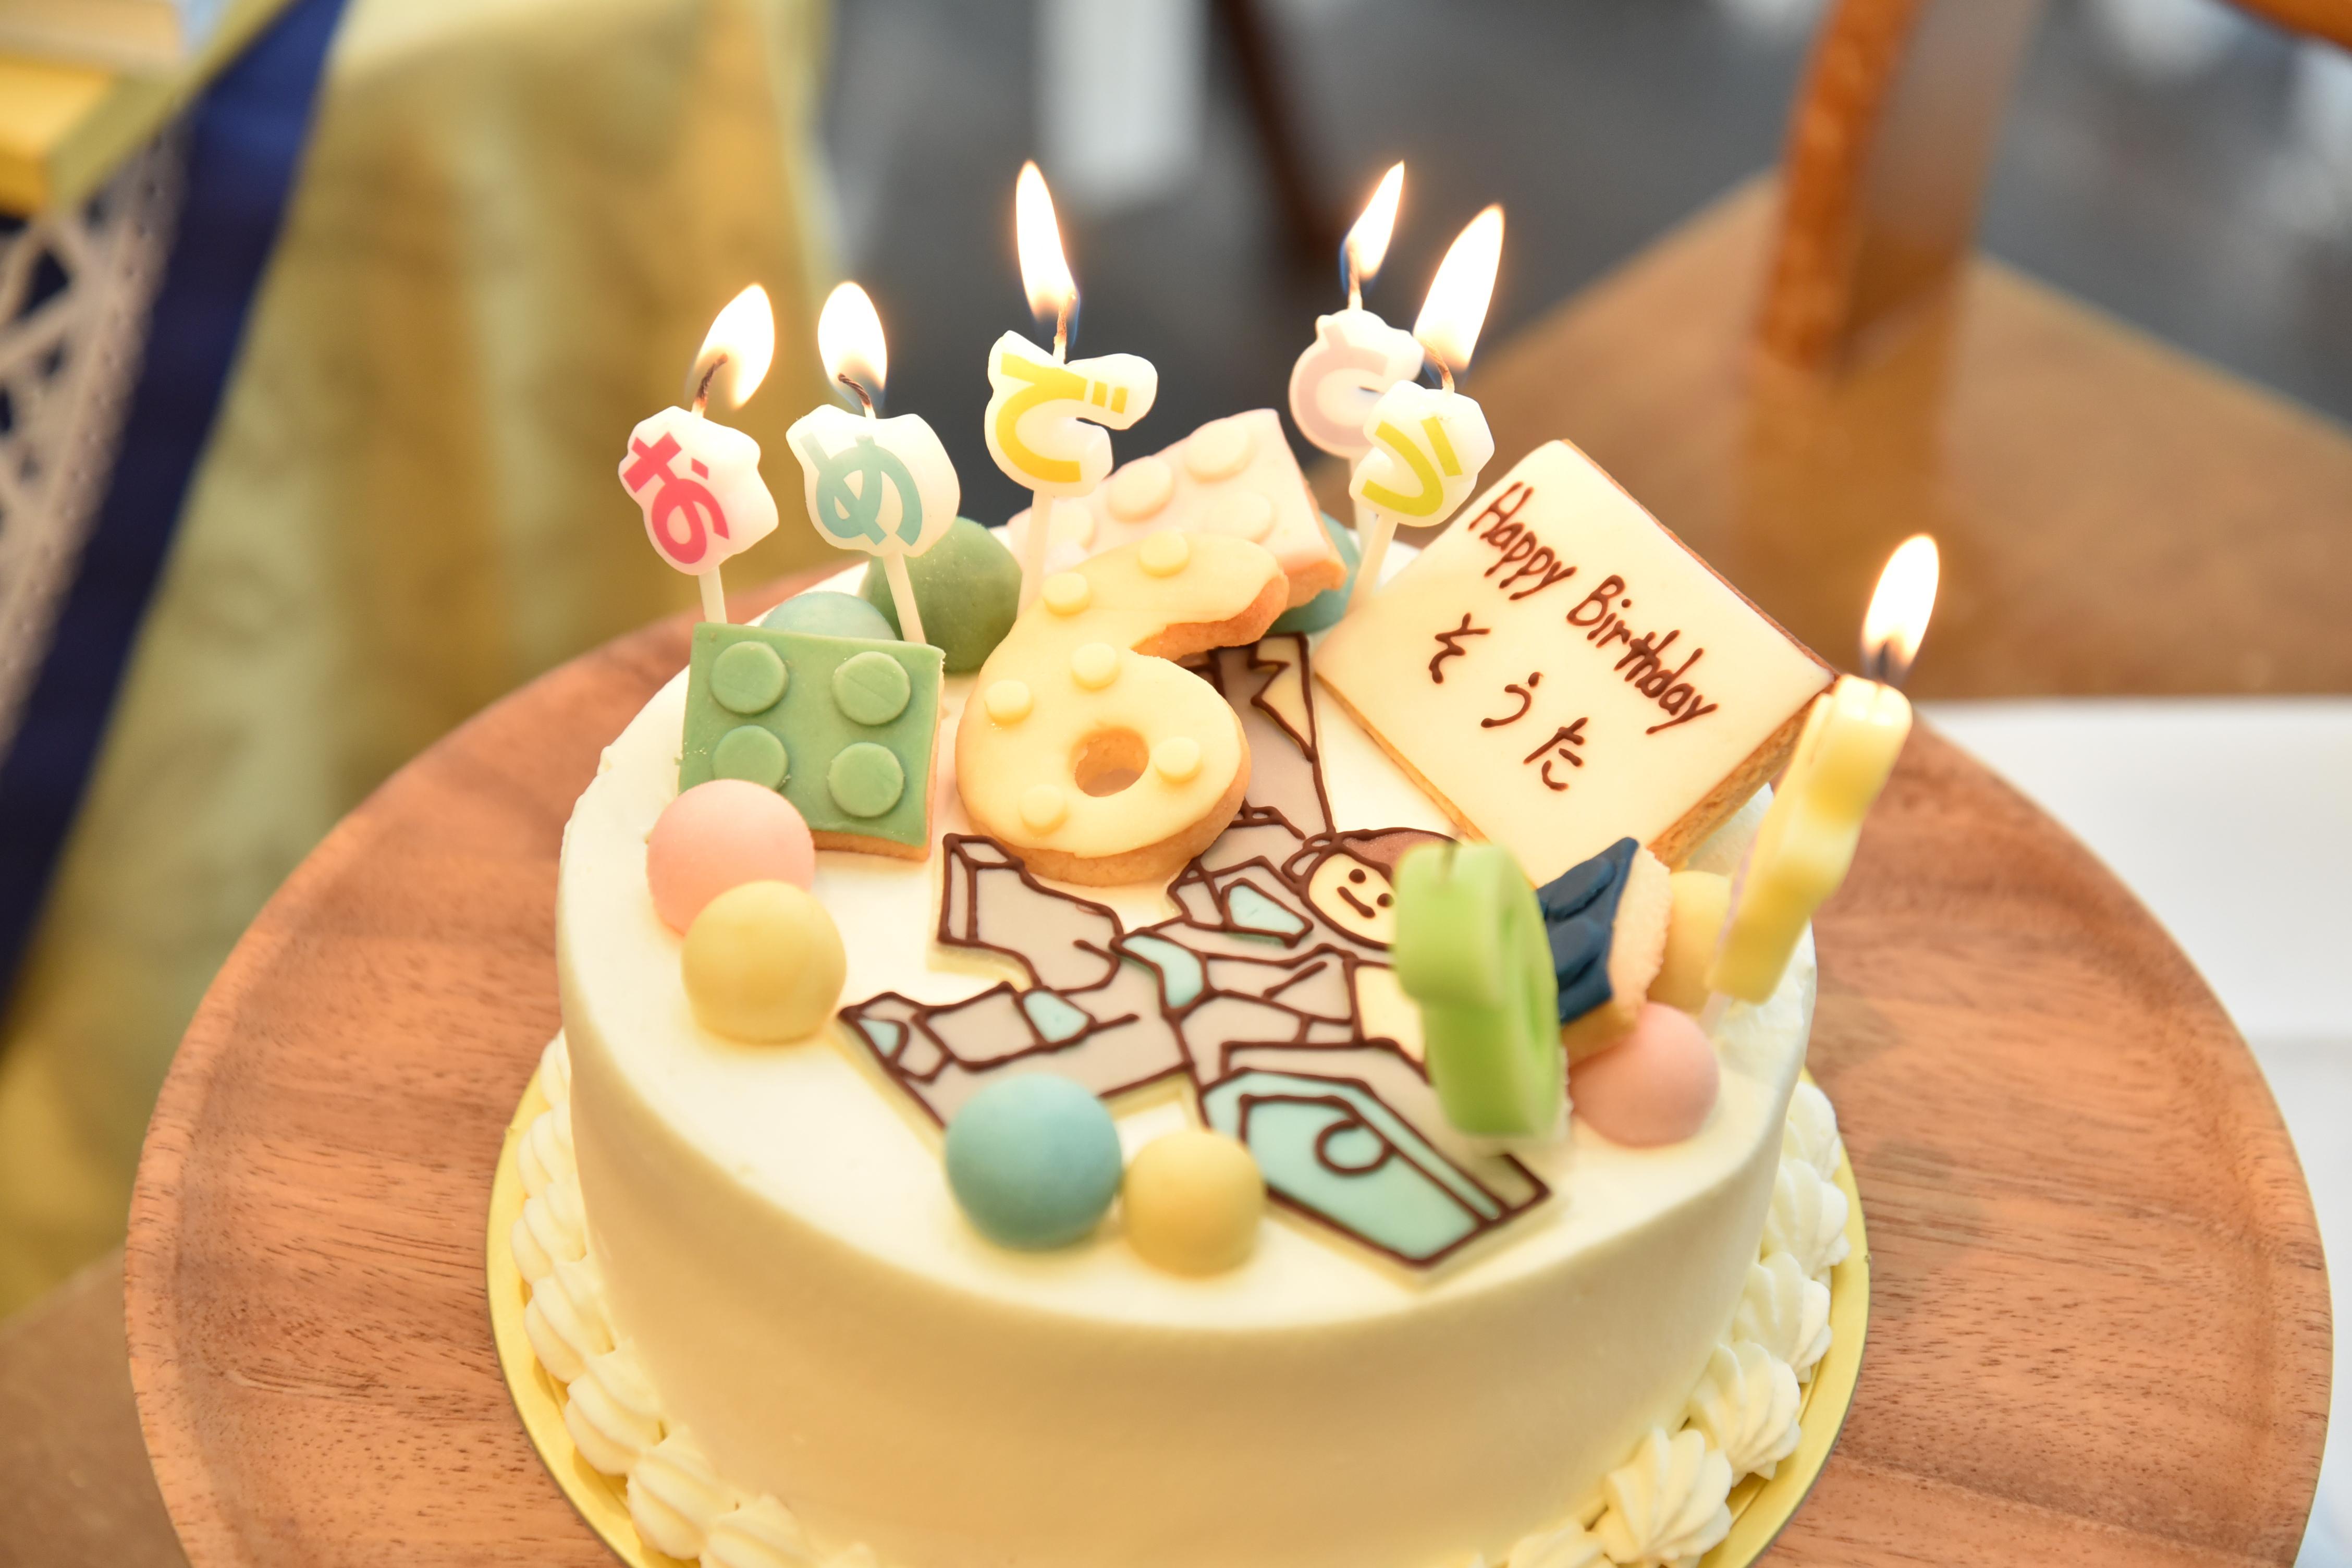 安城 ケーキ 三河 ラヴァンクール:三河安城駅ちかくで圧倒的に美味しくオシャレなケーキがある店